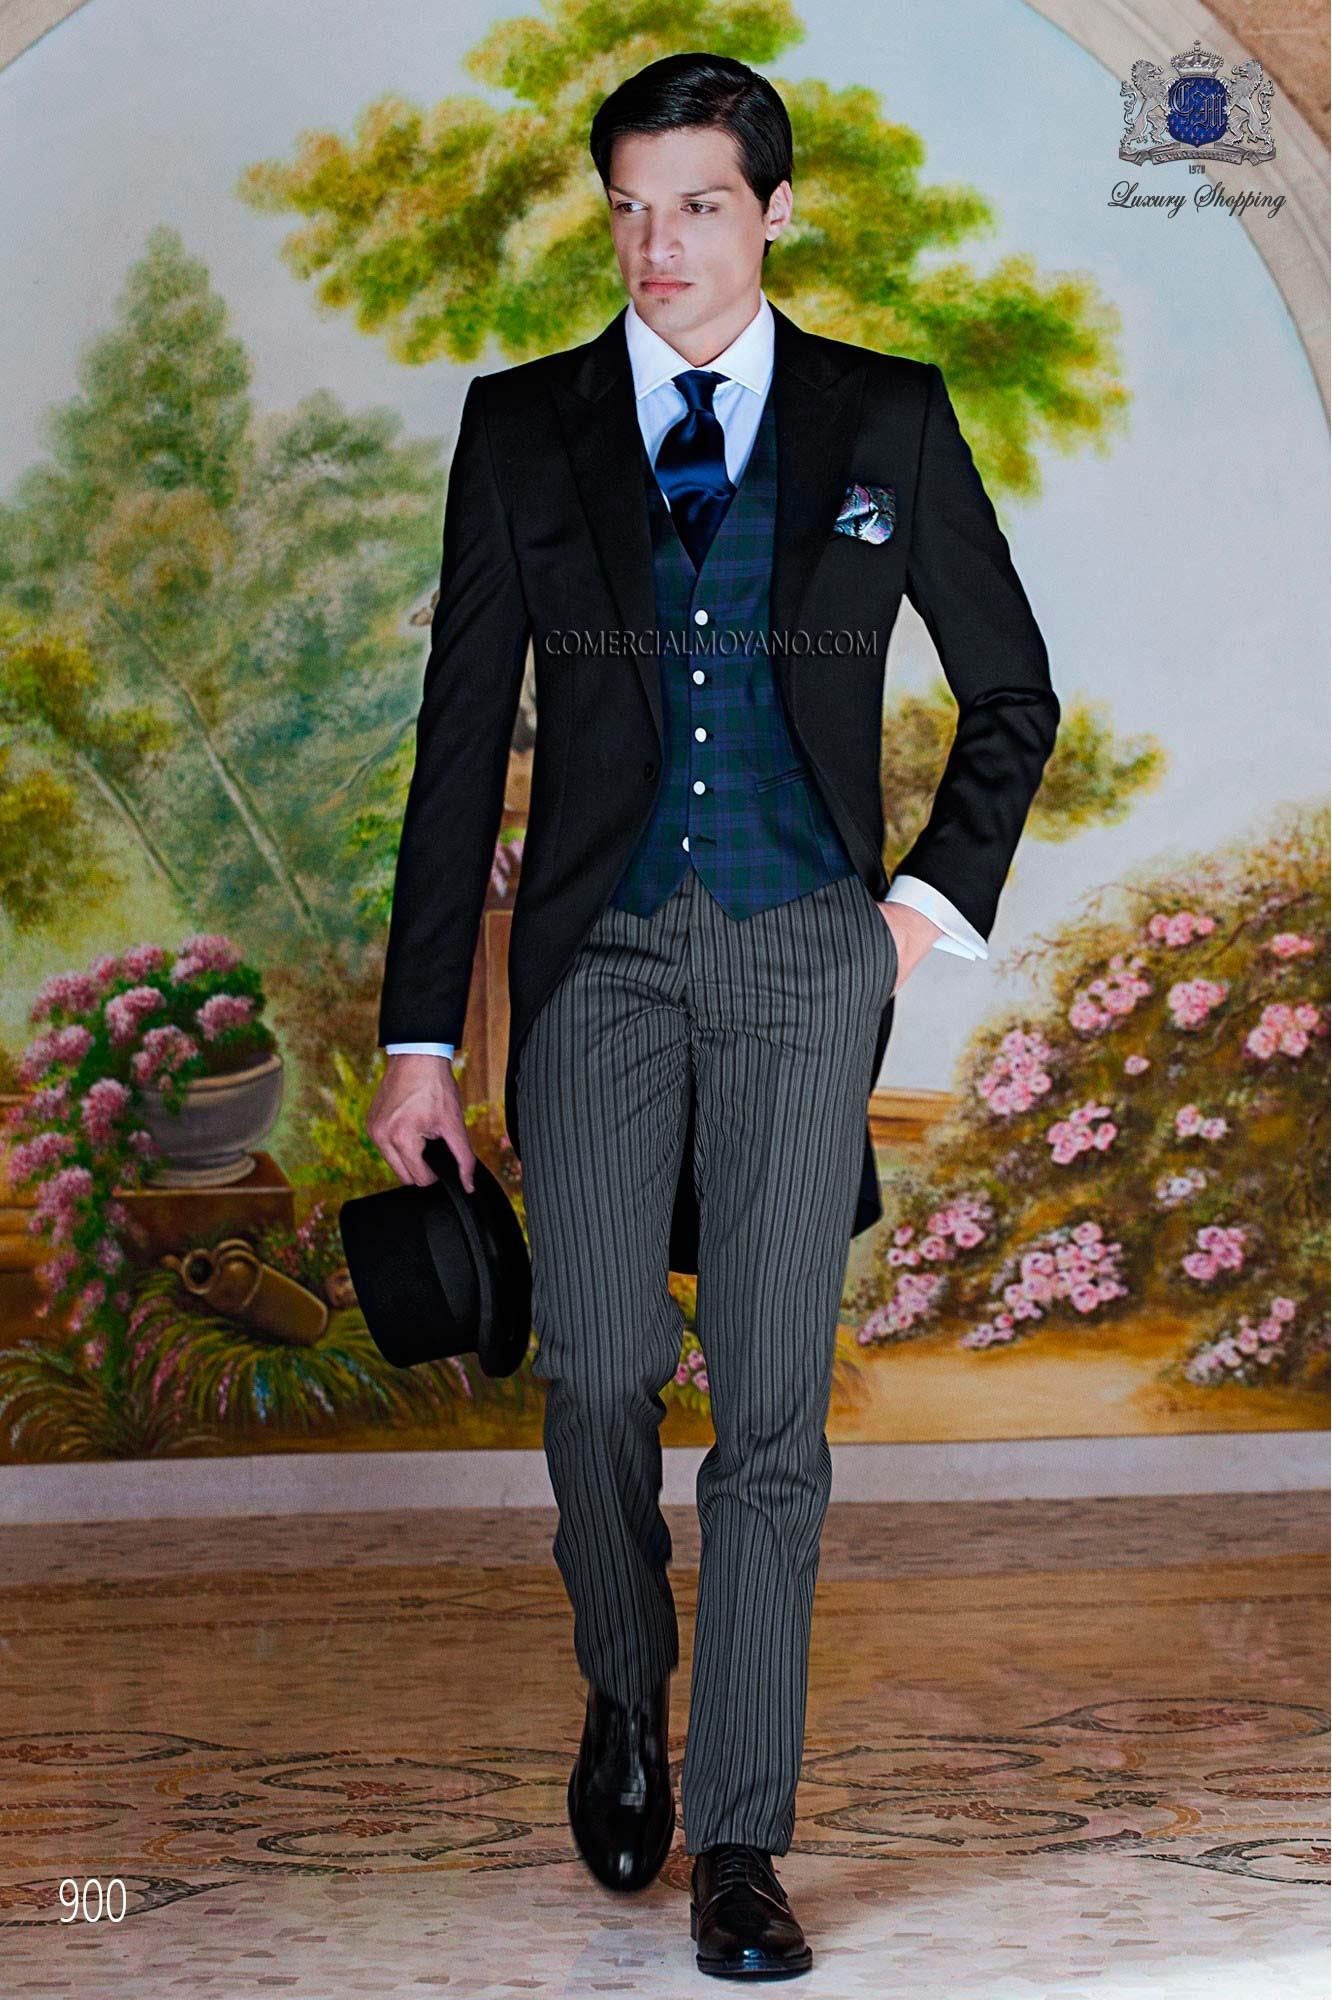 Traje de novio italiano negro modelo: 900 Ottavio Nuccio Gala colección Gentleman 2017